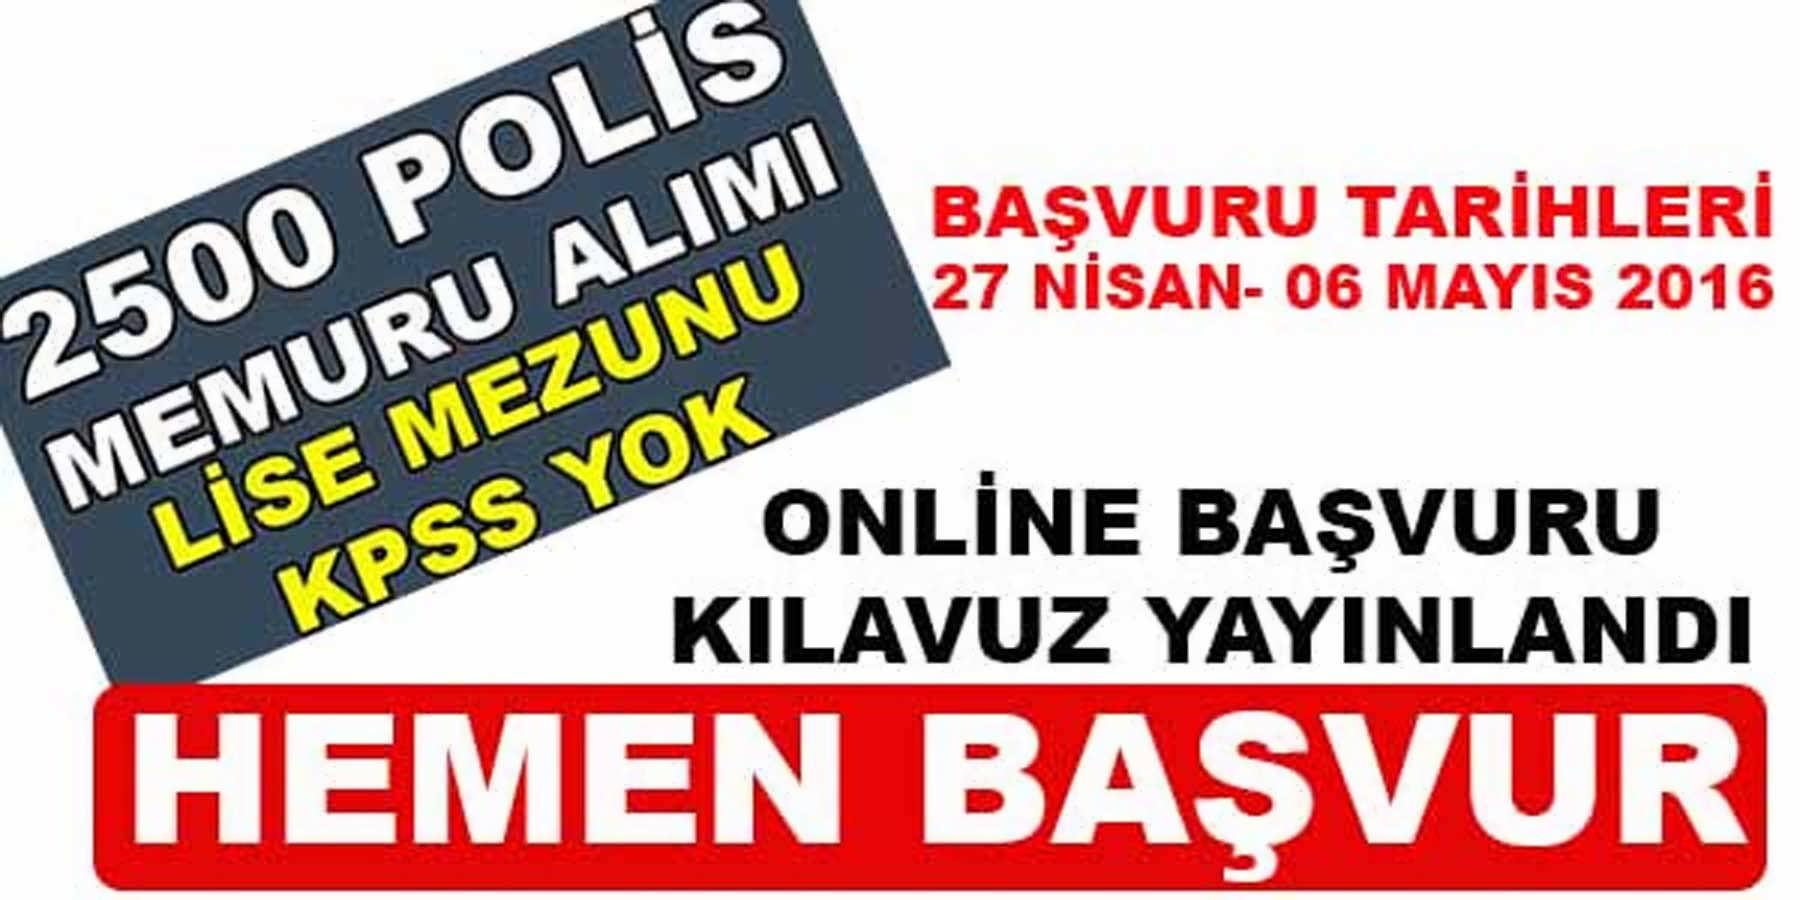 2500 Polis Memuru Alımı Online Başvuru Başladı